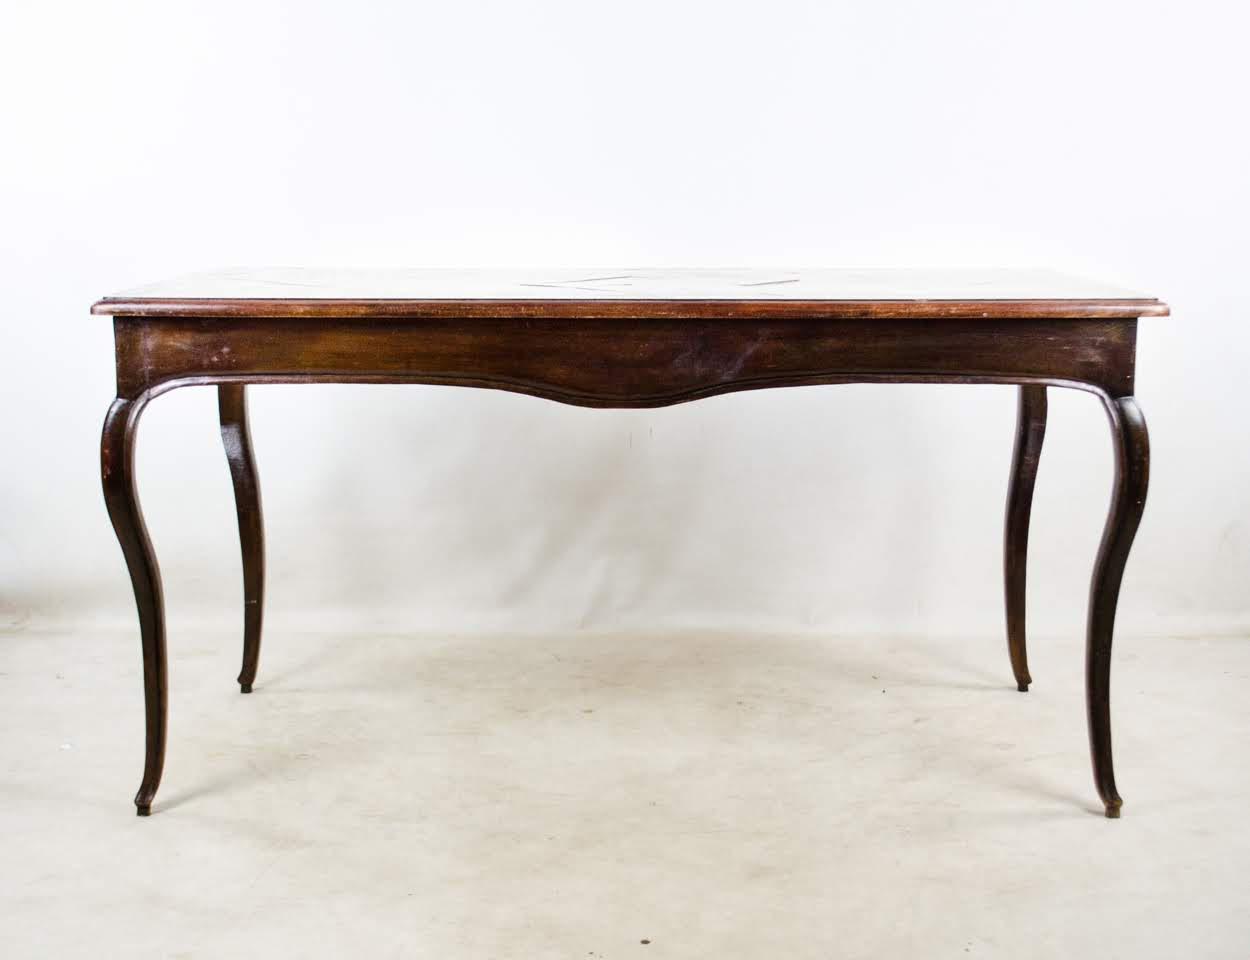 Early 19th C French Louis Xv Bureau De Dame Writing Desk Chairish